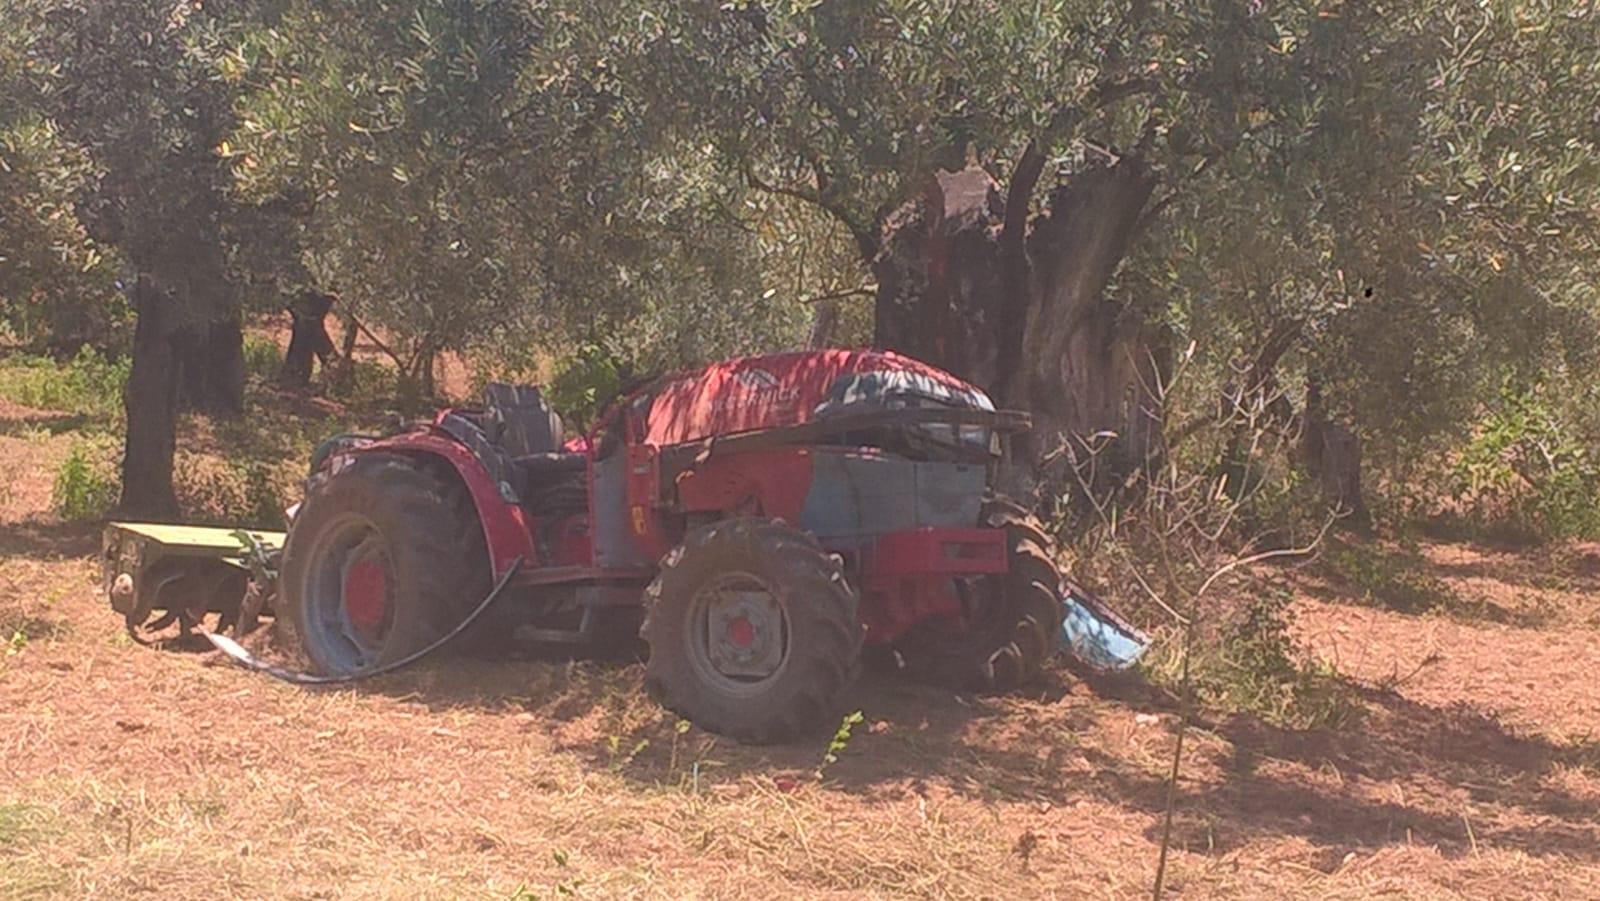 incidente con il trattore-LameziaTermeit